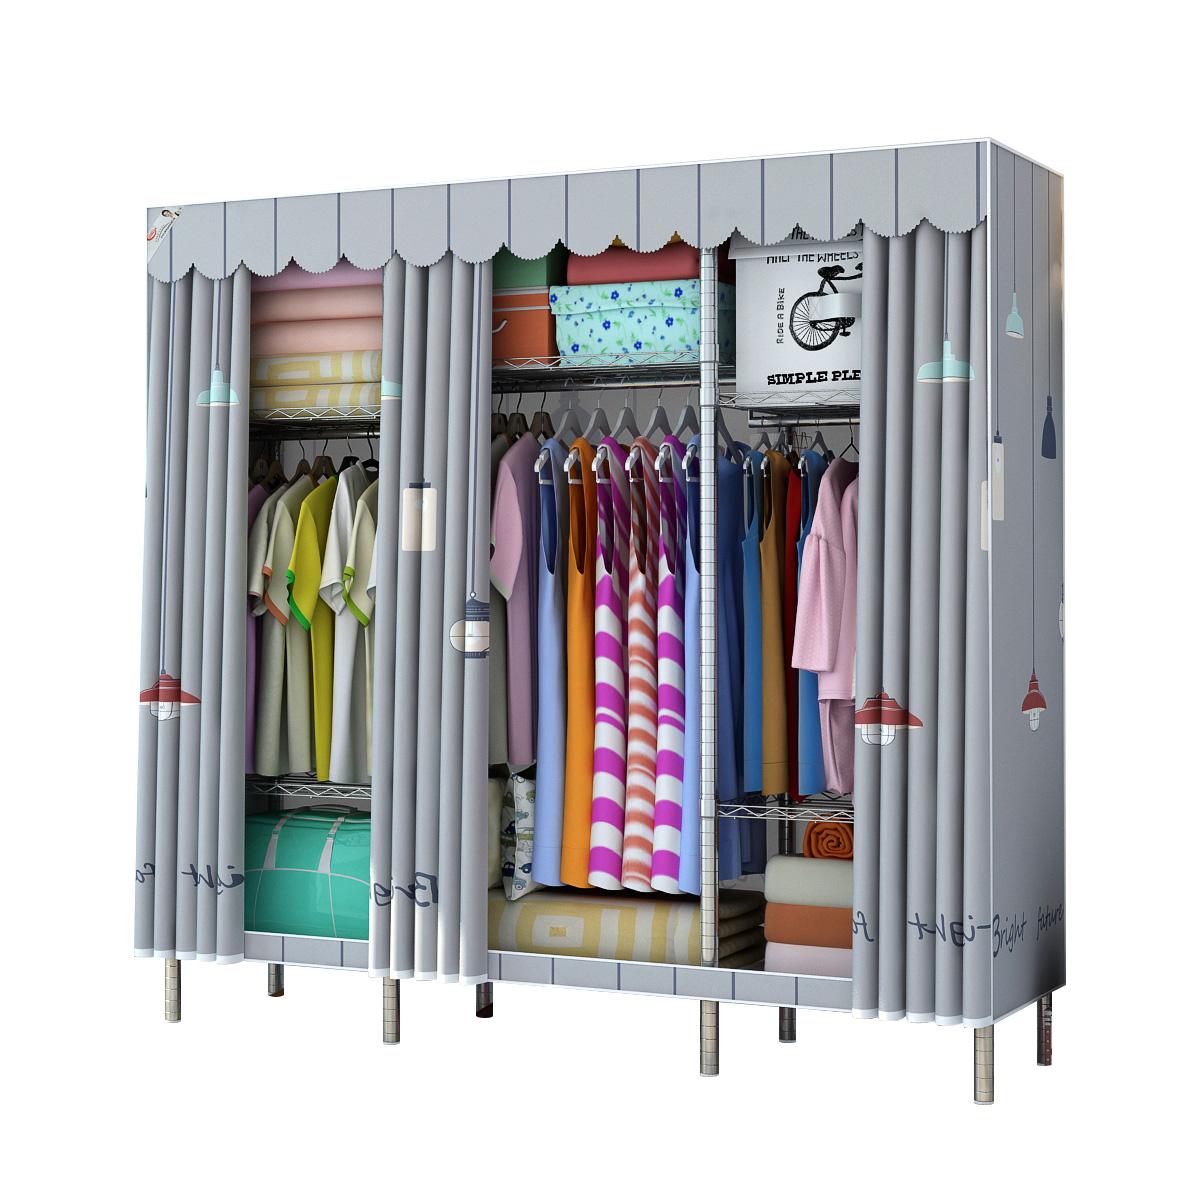 简易布衣柜布艺双人不锈钢管加厚加粗加固全钢架收纳挂衣柜子家用